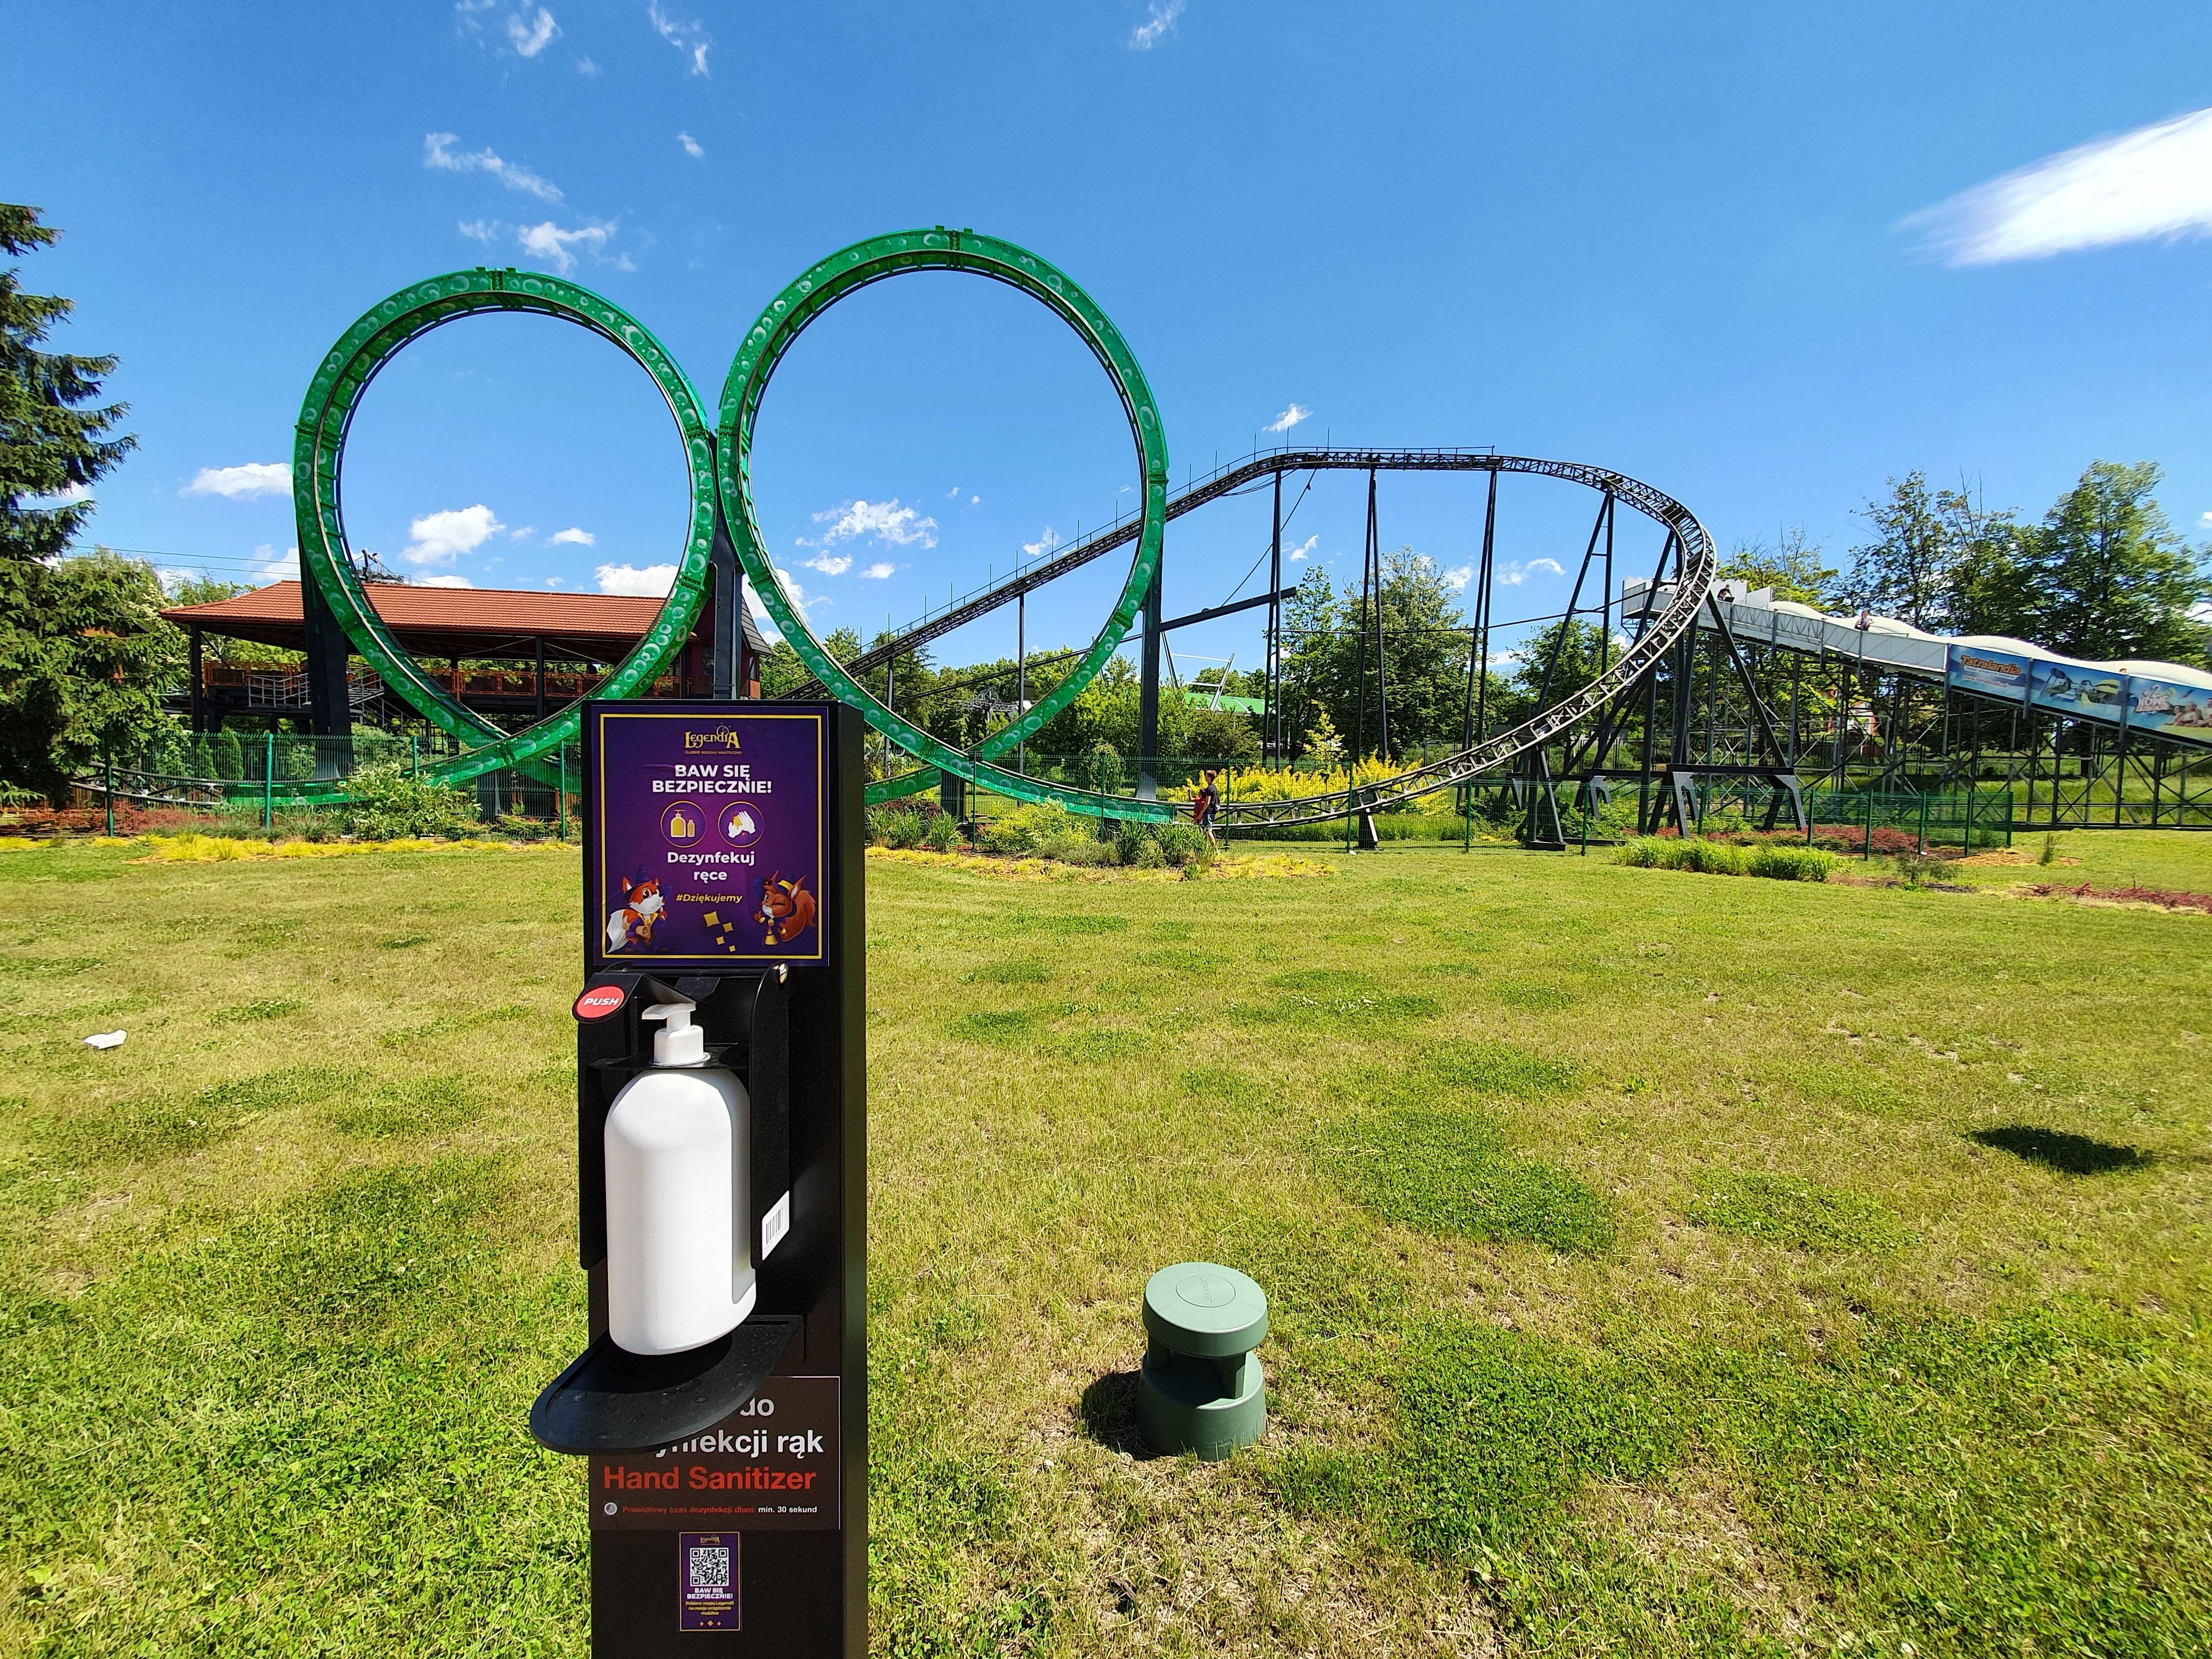 Chorzowski park rozrywki w ubiegłym roku na swoim terenie zainstalował ponad 100 stacji do dezynfekcji rąk. Fot. PTWP